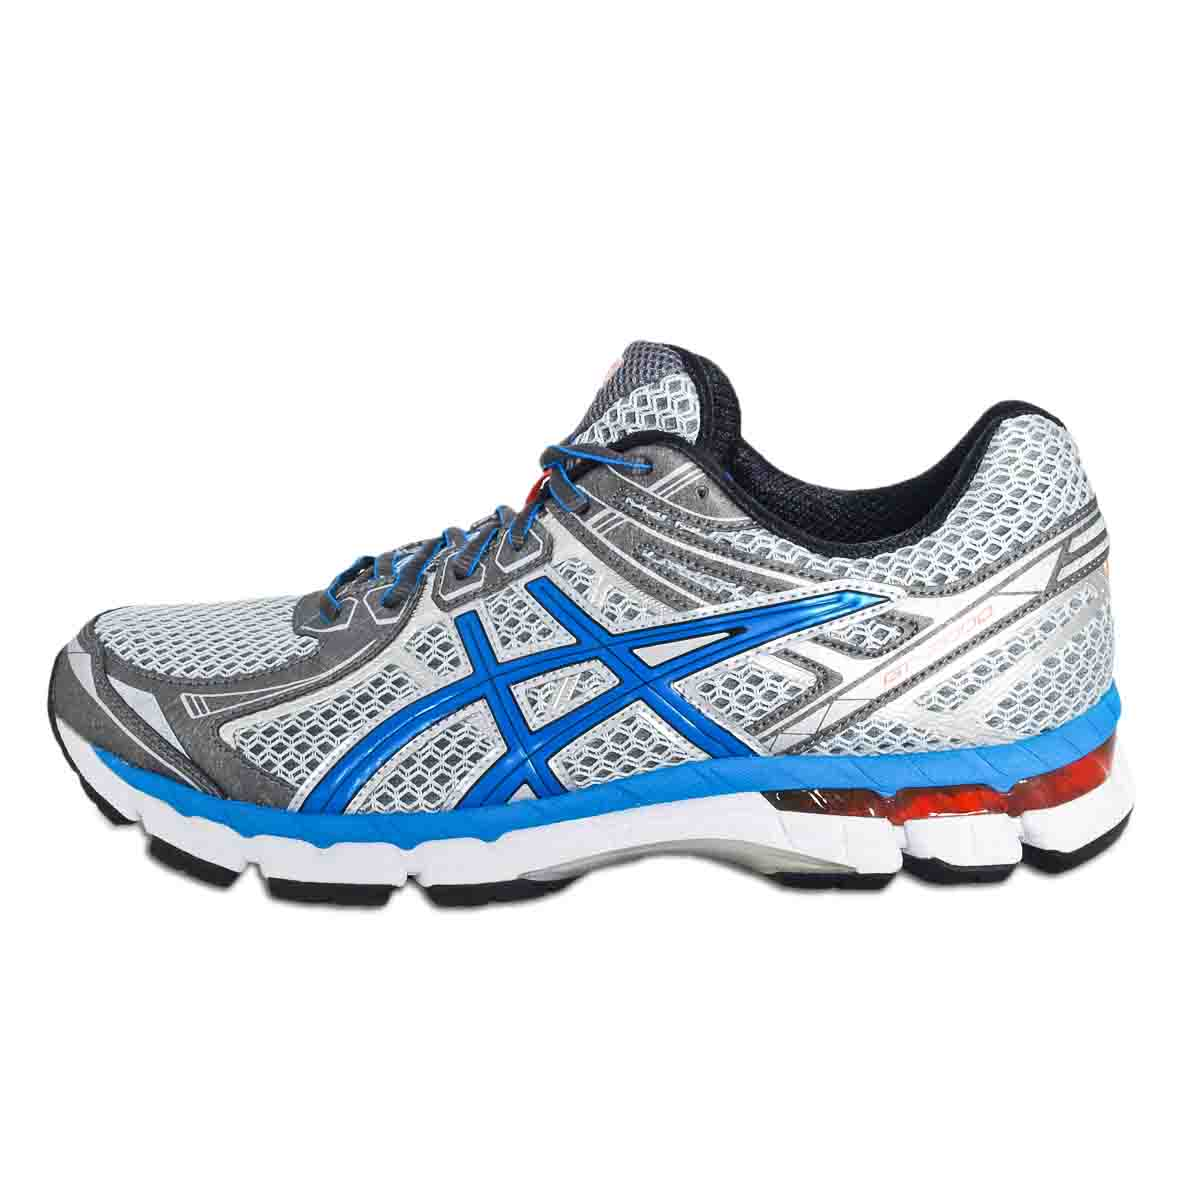 asics mens running shoes gt 2000 2 size uk 9 5 15 ebay. Black Bedroom Furniture Sets. Home Design Ideas